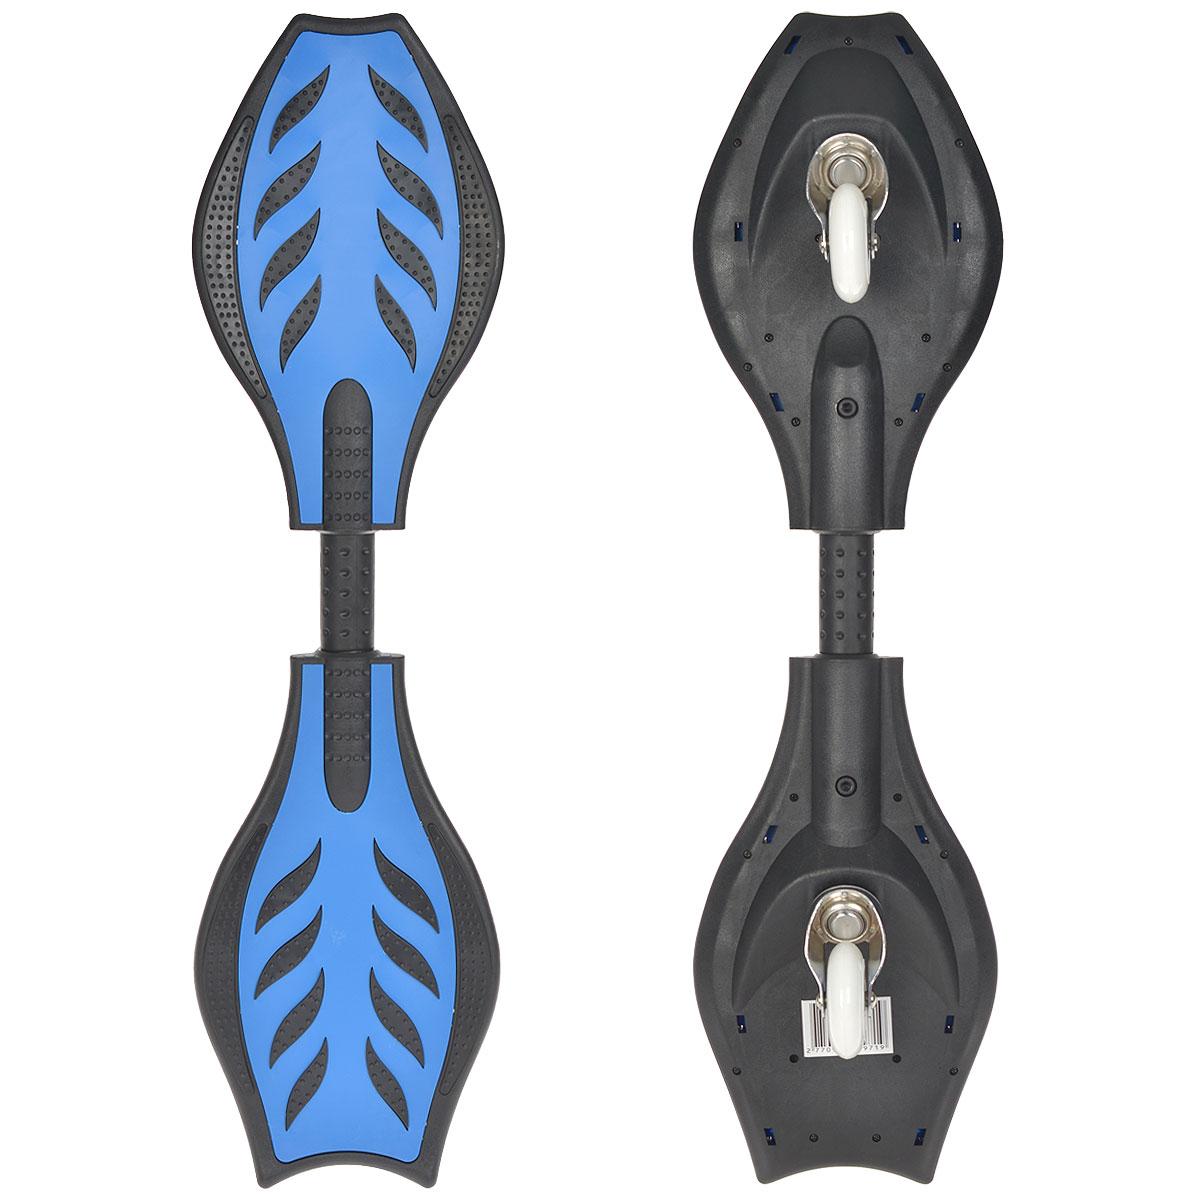 Свингборд HelloWood, цвет: синий. HW-B-504Костюм Охотник-Штурм: куртка, брюкиСвингборд HelloWood - это доска на маленьких колесах, причем колеса у нее всего два - спереди и сзади по одному. Они имеют запатентованную систему вращения, которая позволяет выполнять экстремальные трюки и почувствовать легкость и скорость движения. Единственное, кататься на свингборде не так просто, но если вы научитесь, то уже не сможете отказаться от этого развлечения!